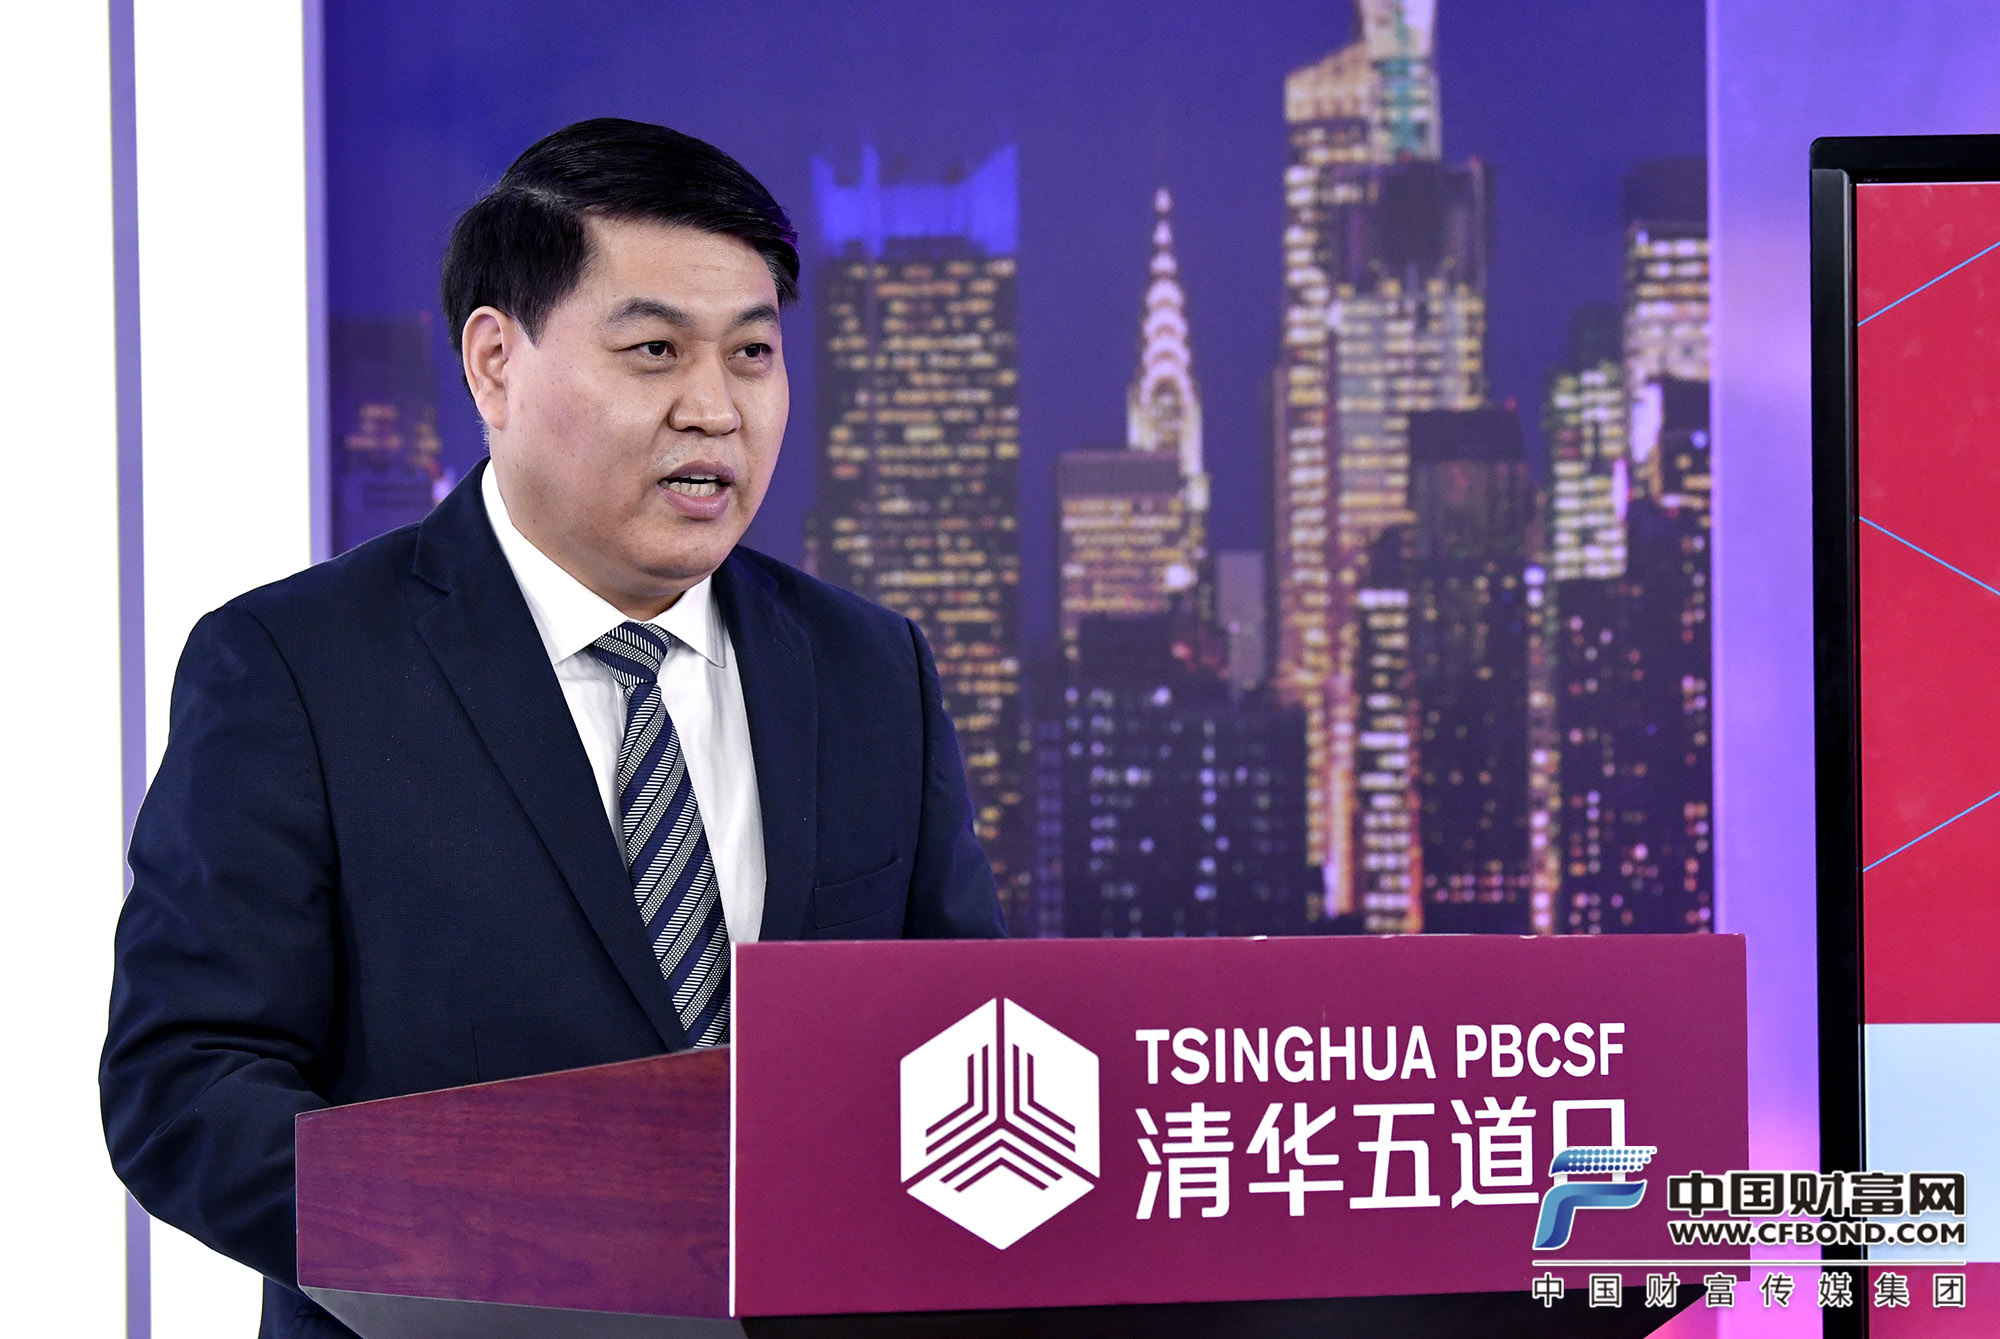 李如东:银行业需做好数字化转型的应对和改变